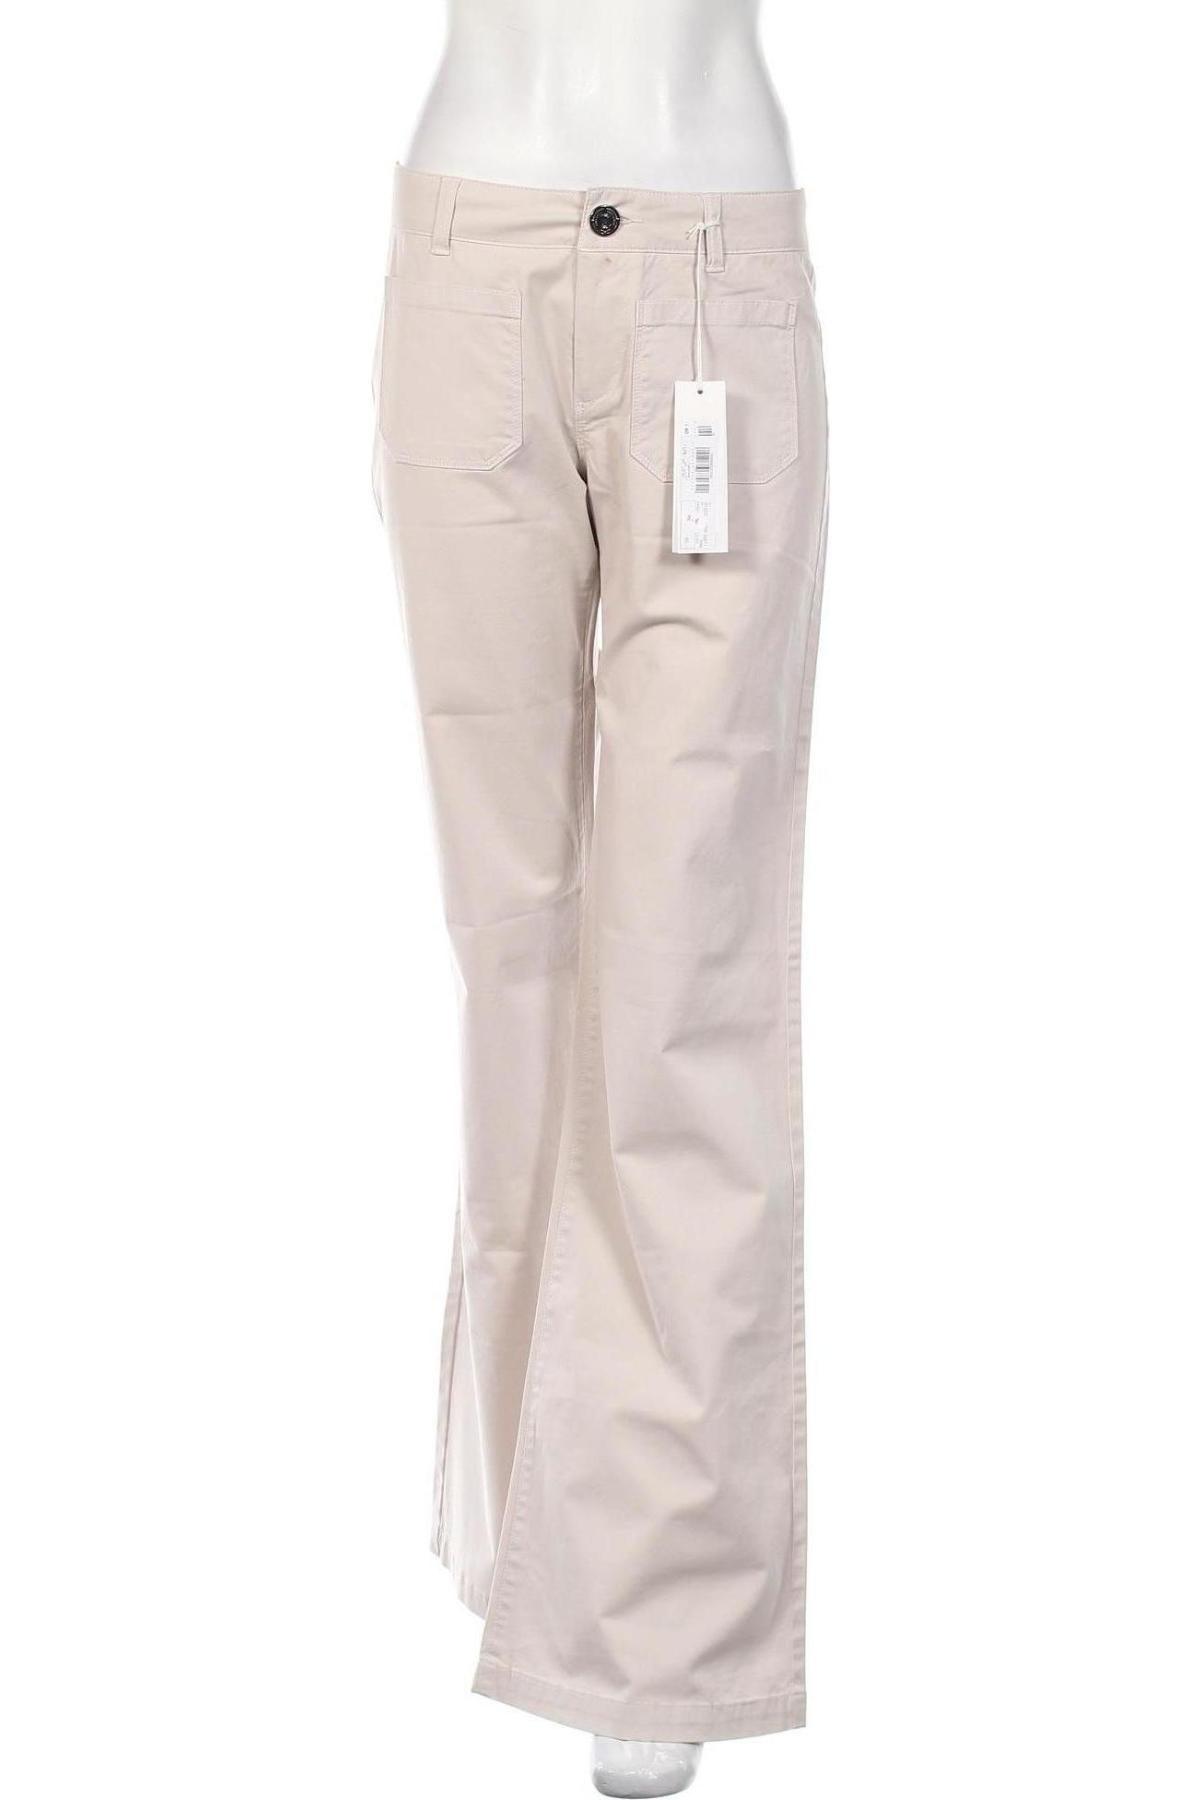 Дамски панталон Stefanel, Размер S, Цвят Бежов, 96% памук, 4% еластан, Цена 29,90лв.